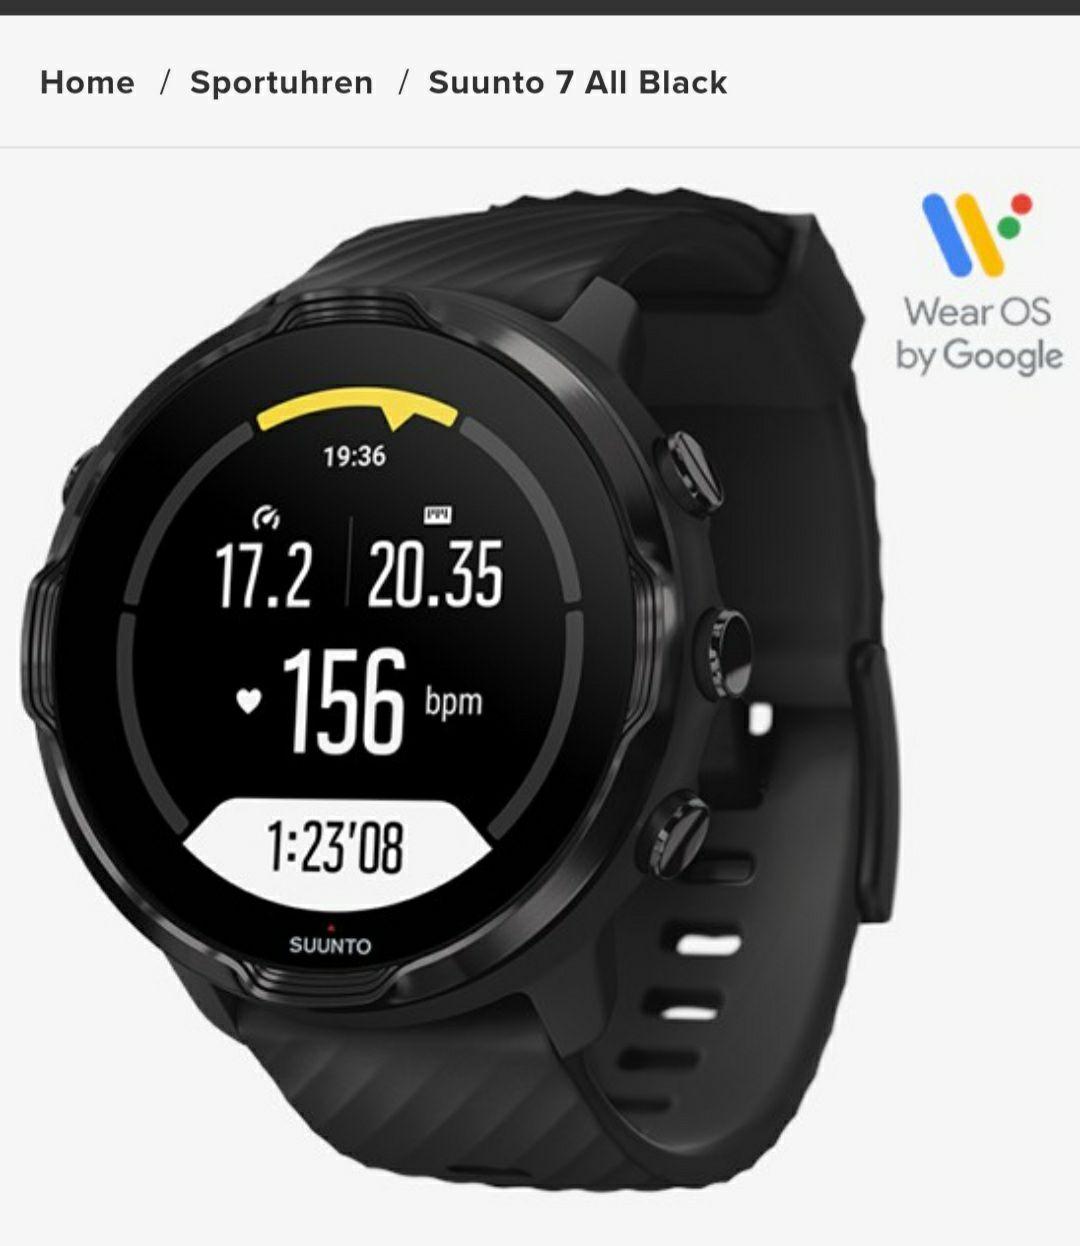 [CB] Suunto 7 Black Smartwatch